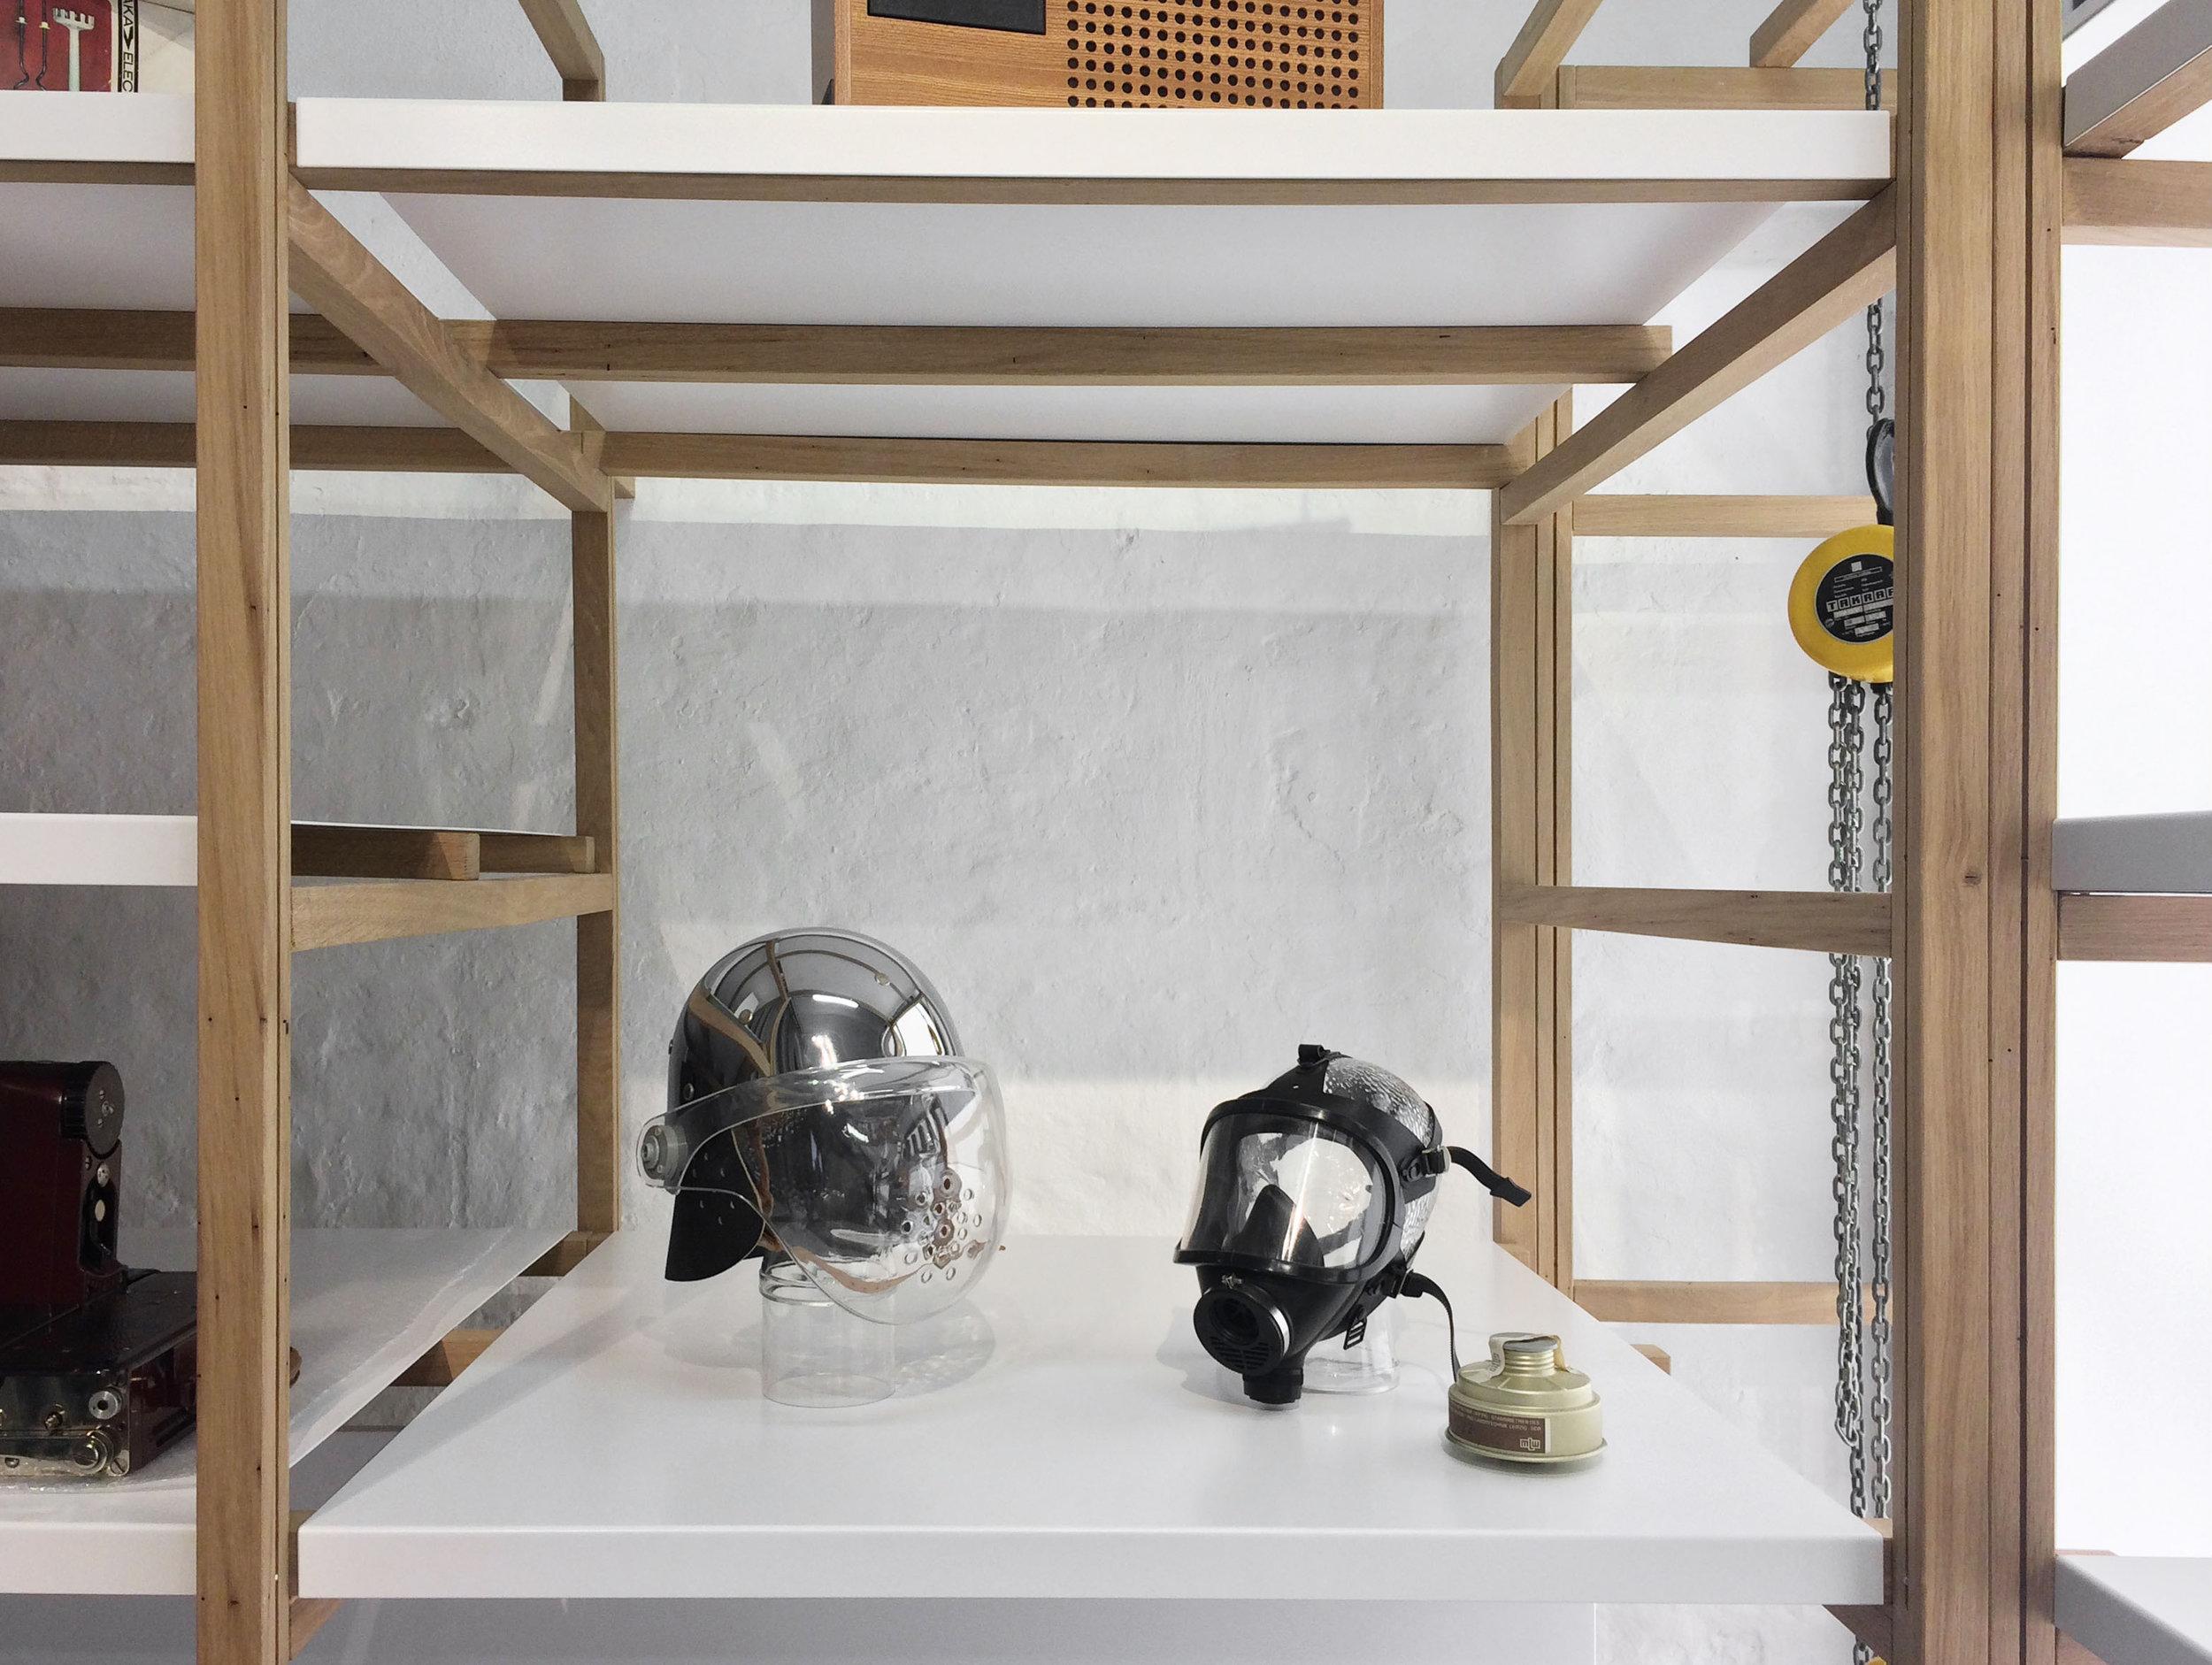 alles-nach-plan_museum-exhibition-design_coordination-berlin_008.jpg